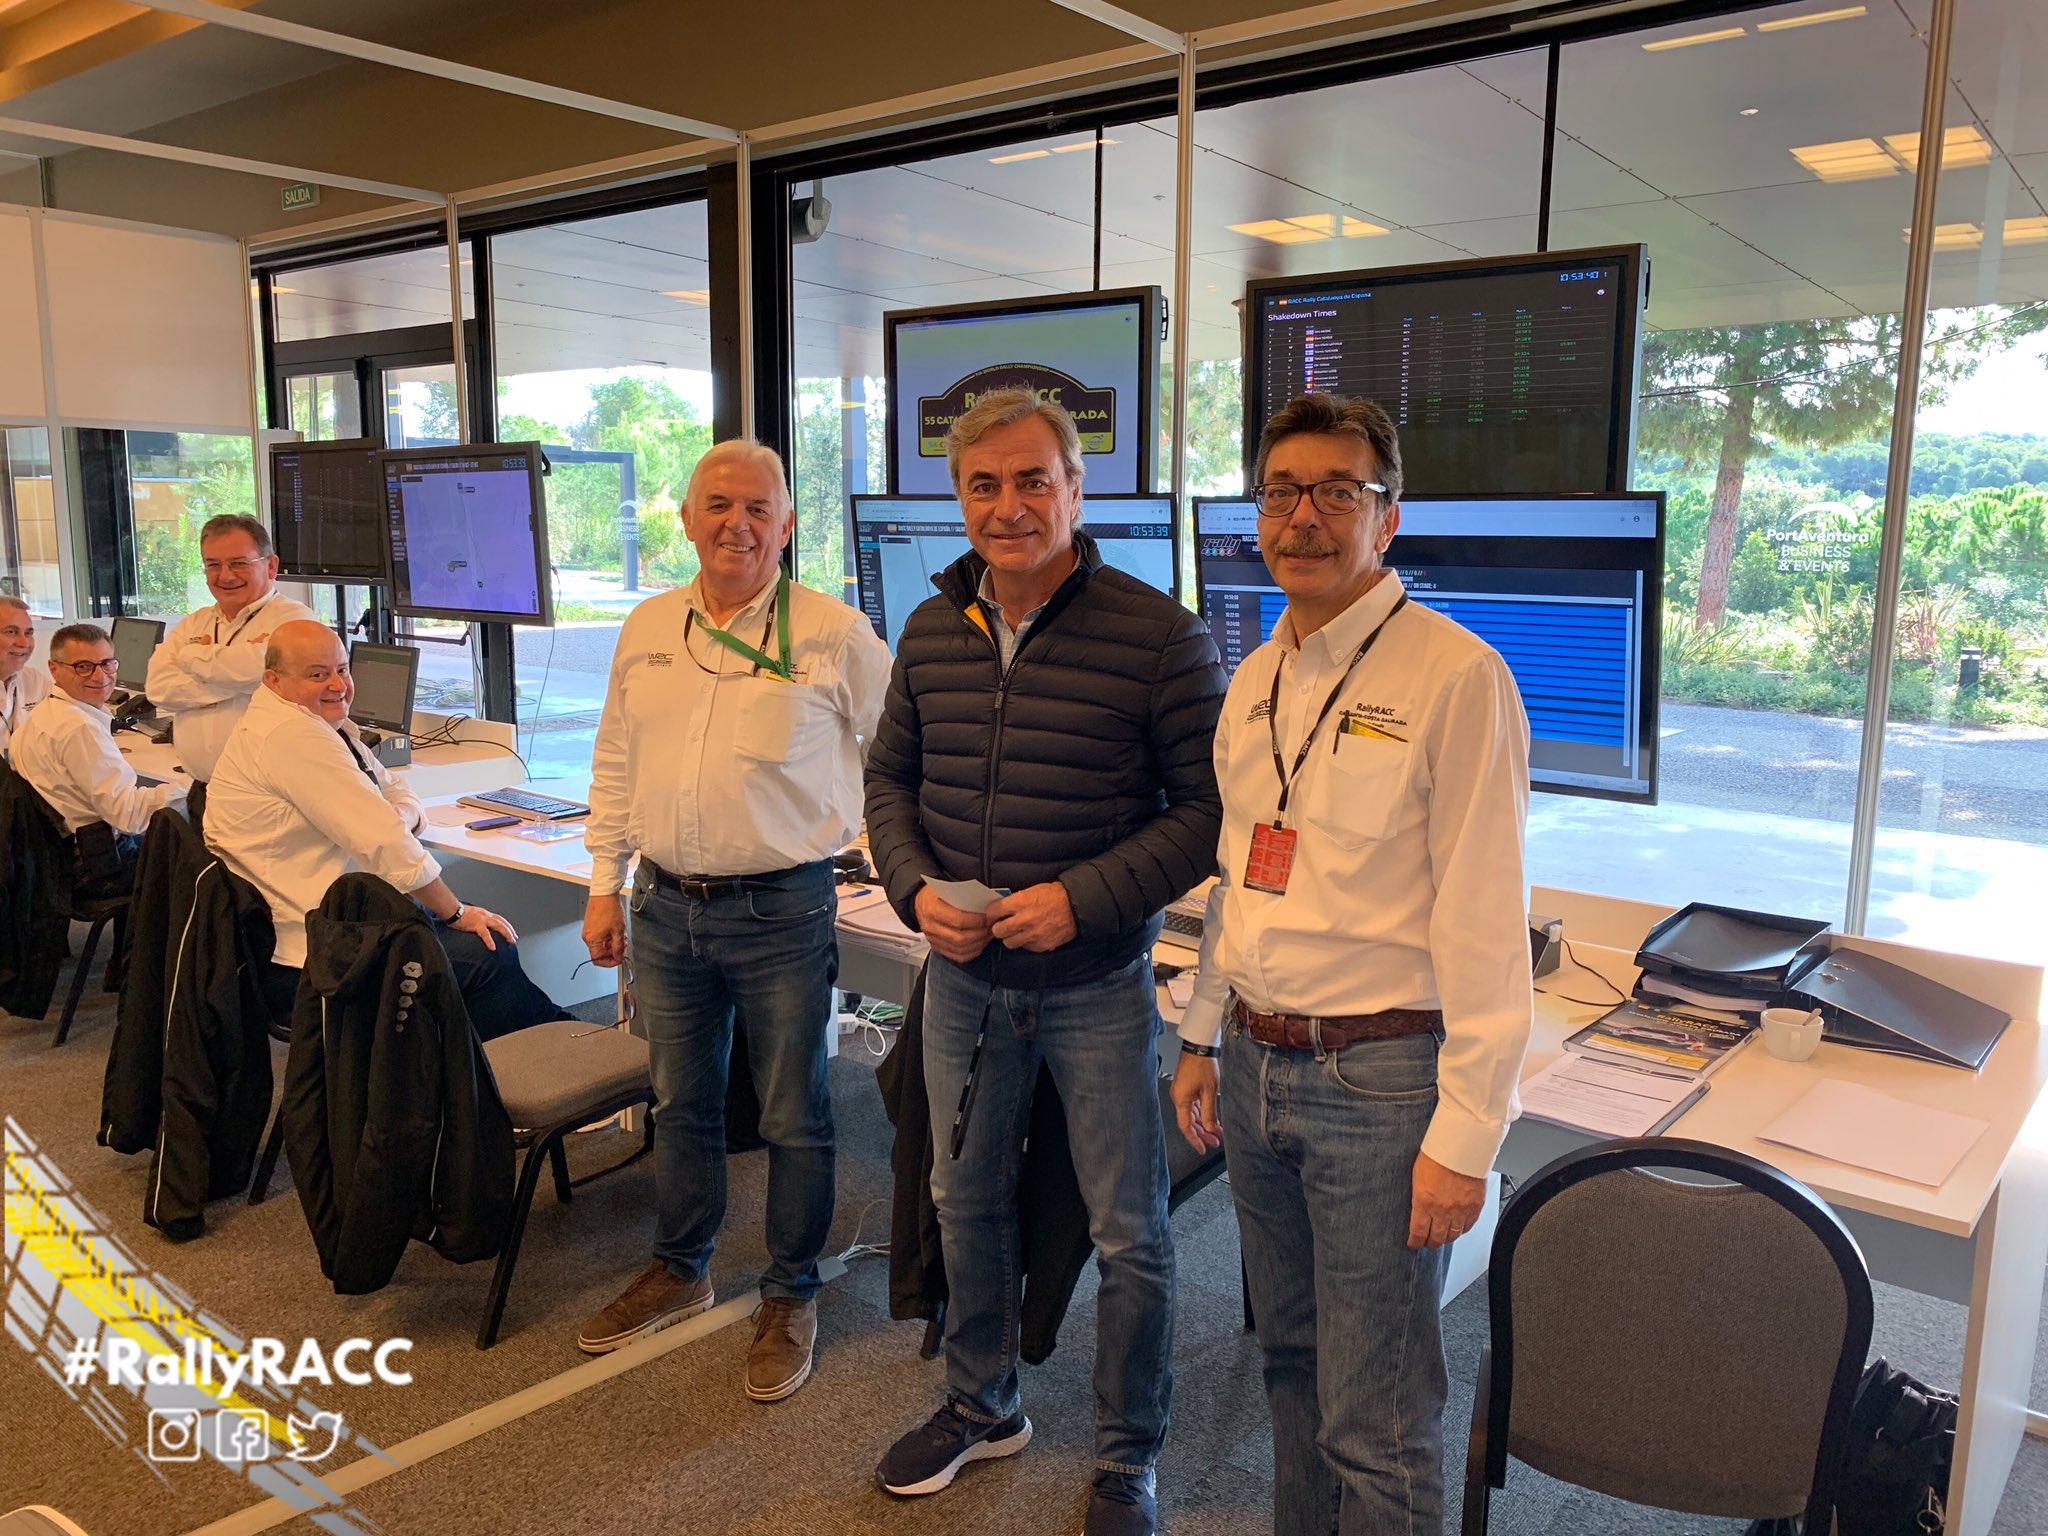 WRC: 55º RallyRACC Catalunya - Costa Daurada - Rally de España [24-27 Octubre] - Página 5 EHoeGeBWsAAEp48?format=jpg&name=4096x4096